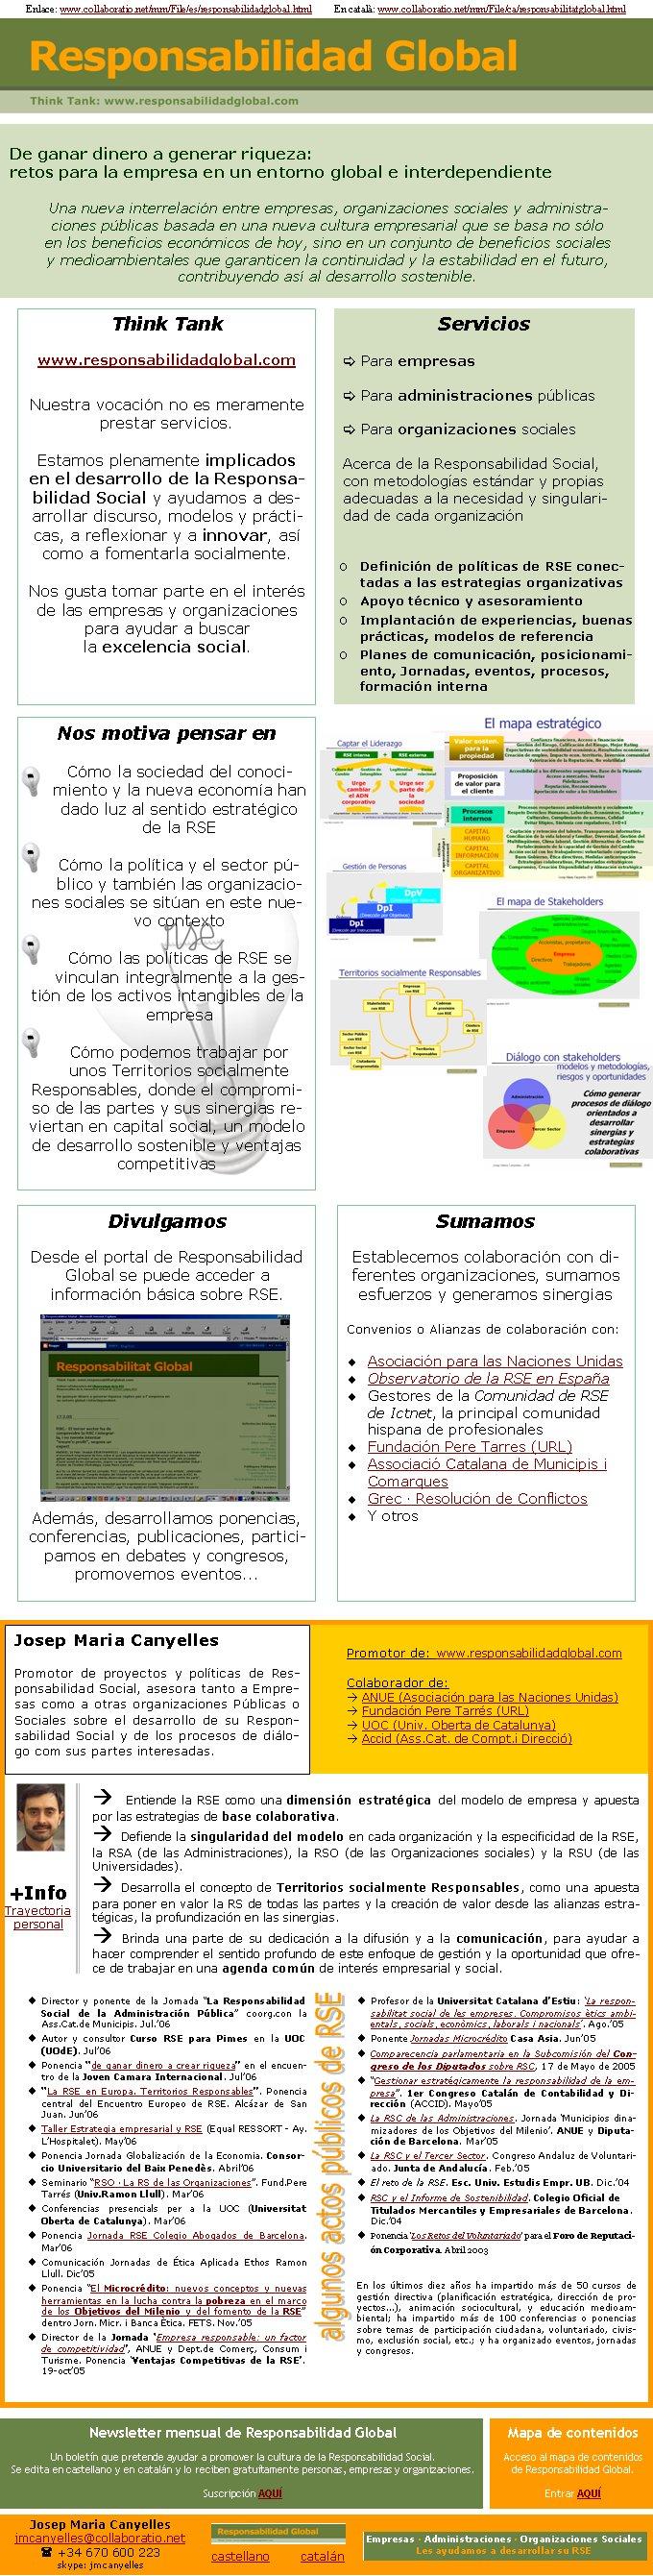 Enlace: www.collaboratio.net/mm/File/es/responsabilidadglobal.html         En català: www.collaboratio.net/mm/File/ca/responsabilitatglobal.htmlDe ganar dinero a generar riqueza: retos para la empresa en un entorno global e interdependienteUna nueva interrelación entre empresas, organizaciones sociales y administraciones públicas basada en una nueva cultura empresarial que se basa no sólo en los beneficios económicos de hoy, sino en un conjunto de beneficios sociales y medioambientales que garanticen la continuidad y la estabilidad en el futuro, contribuyendo así al desarrollo sostenible.Think Tank  www.responsabilidadglobal.comNuestra vocación no es meramente prestar servicios. Estamos plenamente implicados en el desarrollo de la Responsabilidad Social y ayudamos a desarrollar discurso, modelos y prácticas, a reflexionar y a innovar, así como a fomentarla socialmente.Nos gusta tomar parte en el interés de las empresas y organizaciones para ayudar a buscar la excelencia social.Servicios[ Para empresas[ Para administraciones públicas[ Para organizaciones socialesAcerca de la Responsabilidad Social, con metodologías estándar y propias adecuadas a la necesidad y singularidad de cada organizaciónDefinición de políticas de RSE conectadas a las estrategias organizativasApoyo técnico y asesoramientoImplantación de experiencias, buenas prácticas, modelos de referenciaPlanes de comunicación, posicionamiento, Jornadas, eventos, procesos, formación internaPromotor de: www.responsabilidadglobal.comColaborador de:à ANUE (Asociación para las Naciones Unidas)à Fundación Pere Tarrés (URL) à UOC (Univ. Oberta de Catalunya) à Accid (Ass.Cat. de Compt.i Direcció)Josep Maria CanyellesPromotor de proyectos y políticas de Responsabilidad Social, asesora tanto a Empresas como a otras organizaciones Públicas o Sociales sobre el desarrollo de su Responsabilidad Social y de los procesos de diálogo com sus partes interesadas. à Entiende la RSE como una dimensión estratégica del modelo de empr